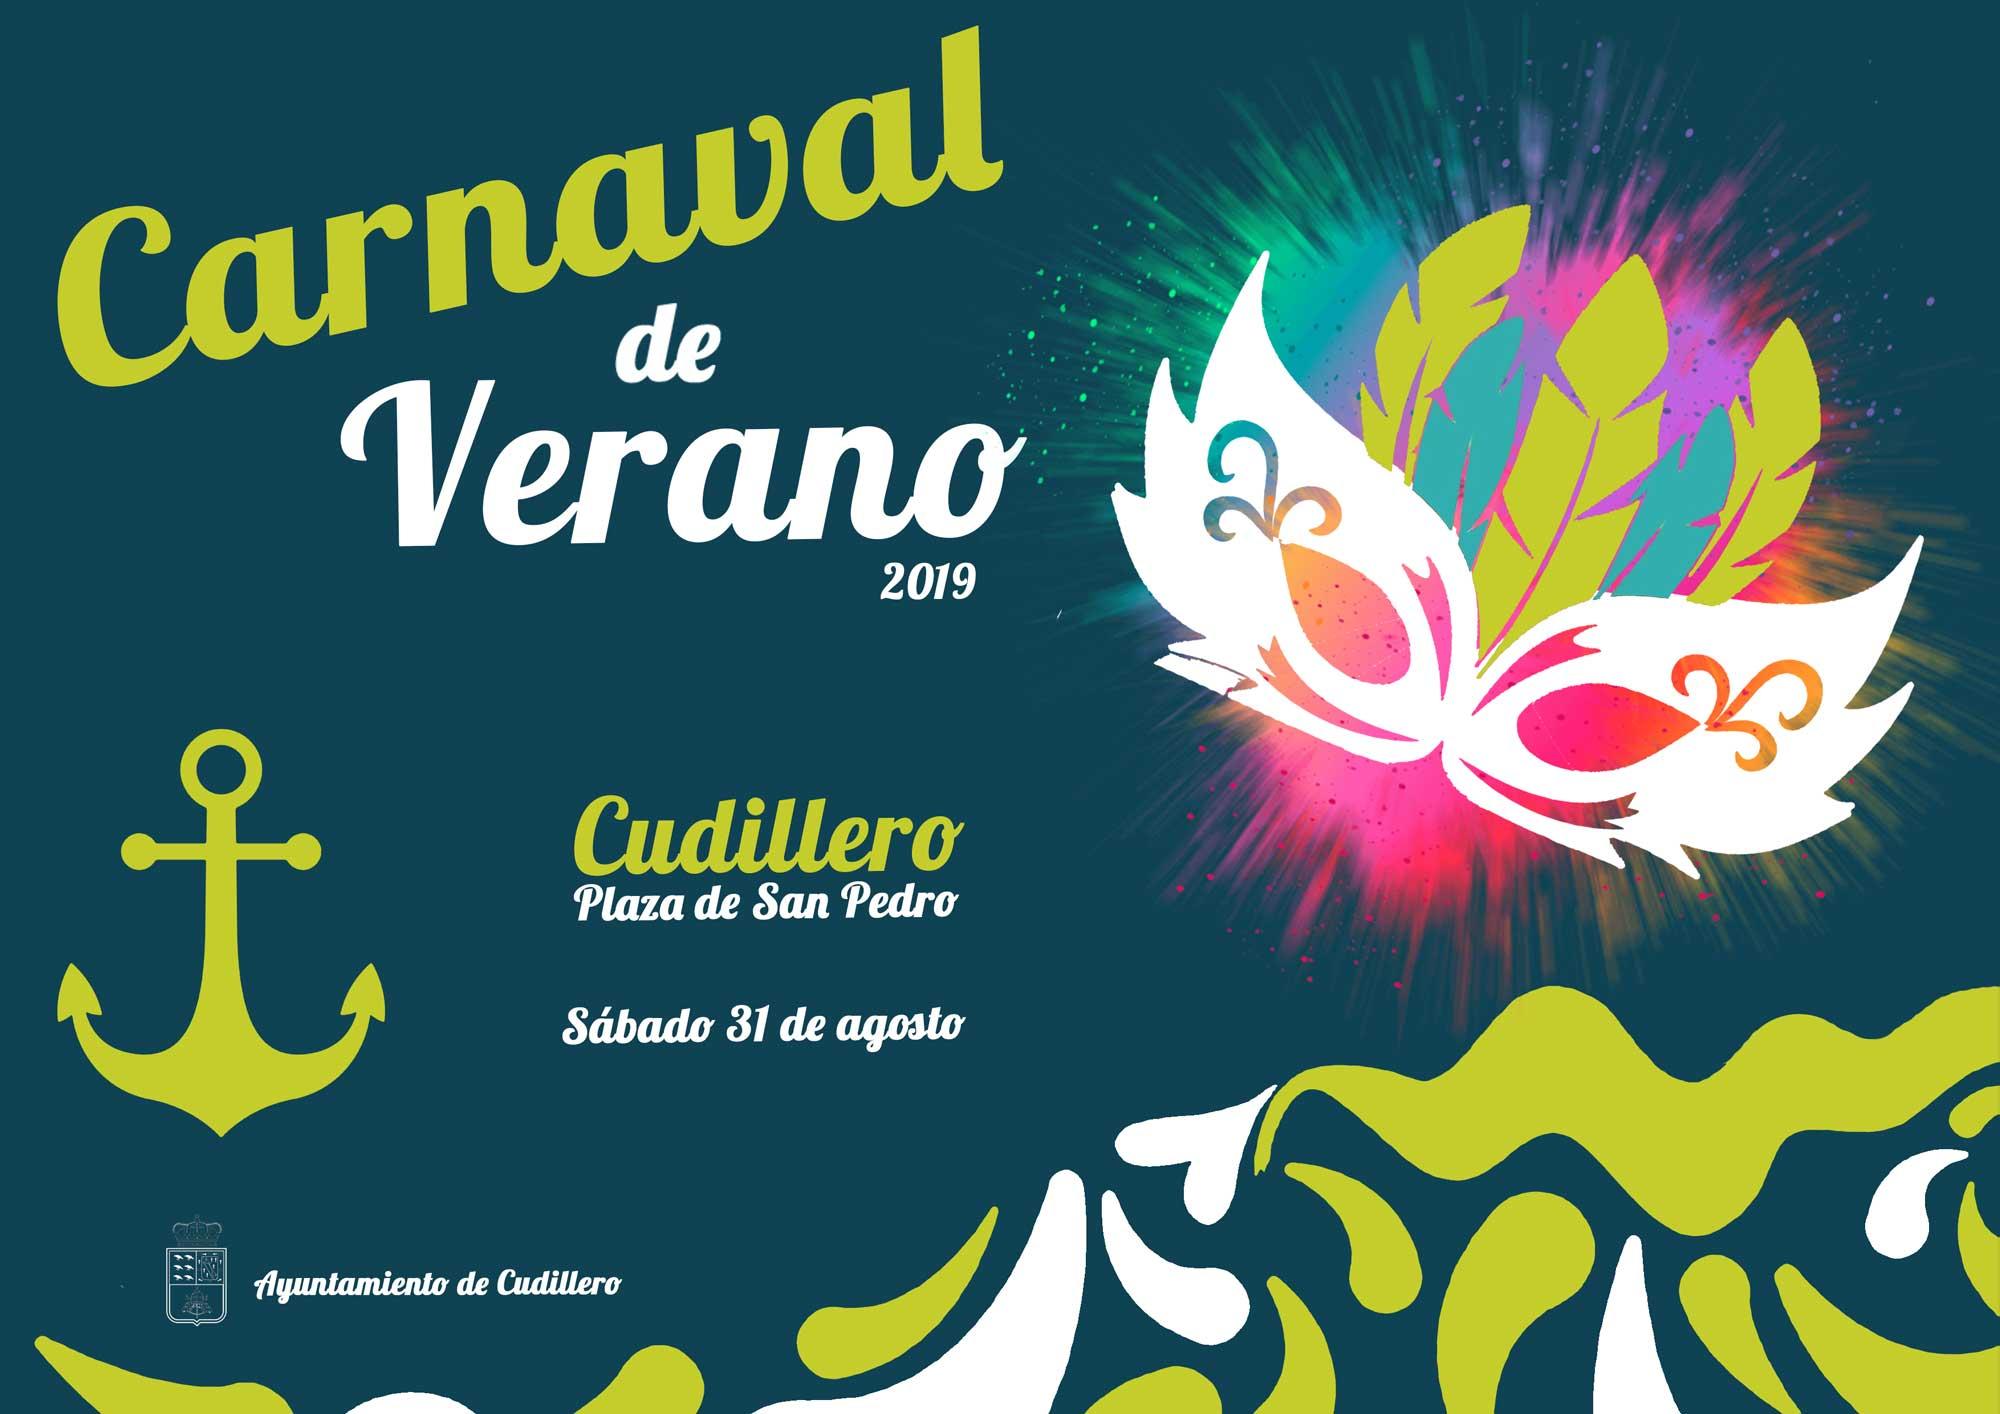 Carnaval de verano en Cudillero